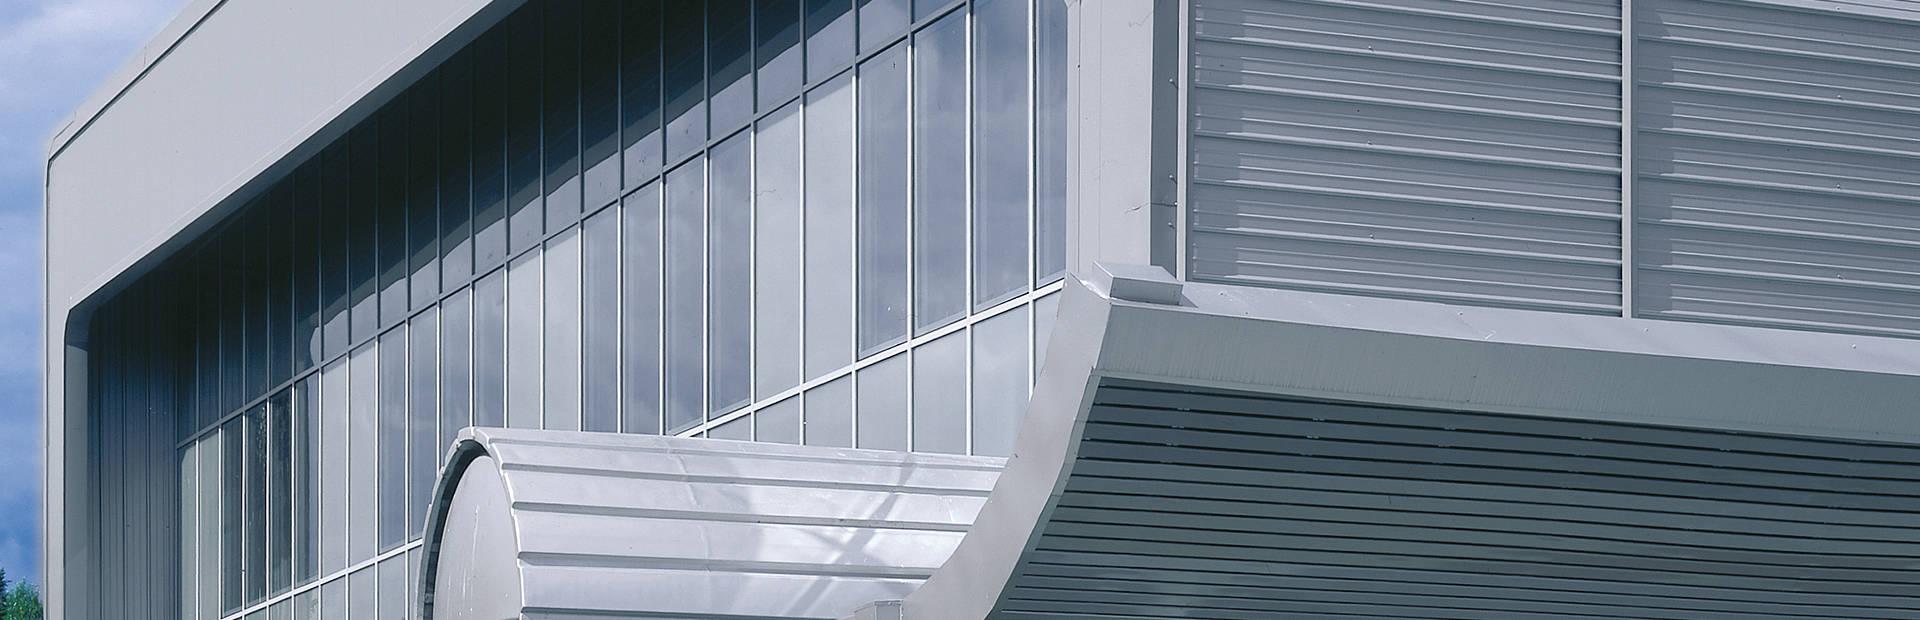 Neizoliran fasadni sistem Trimoval